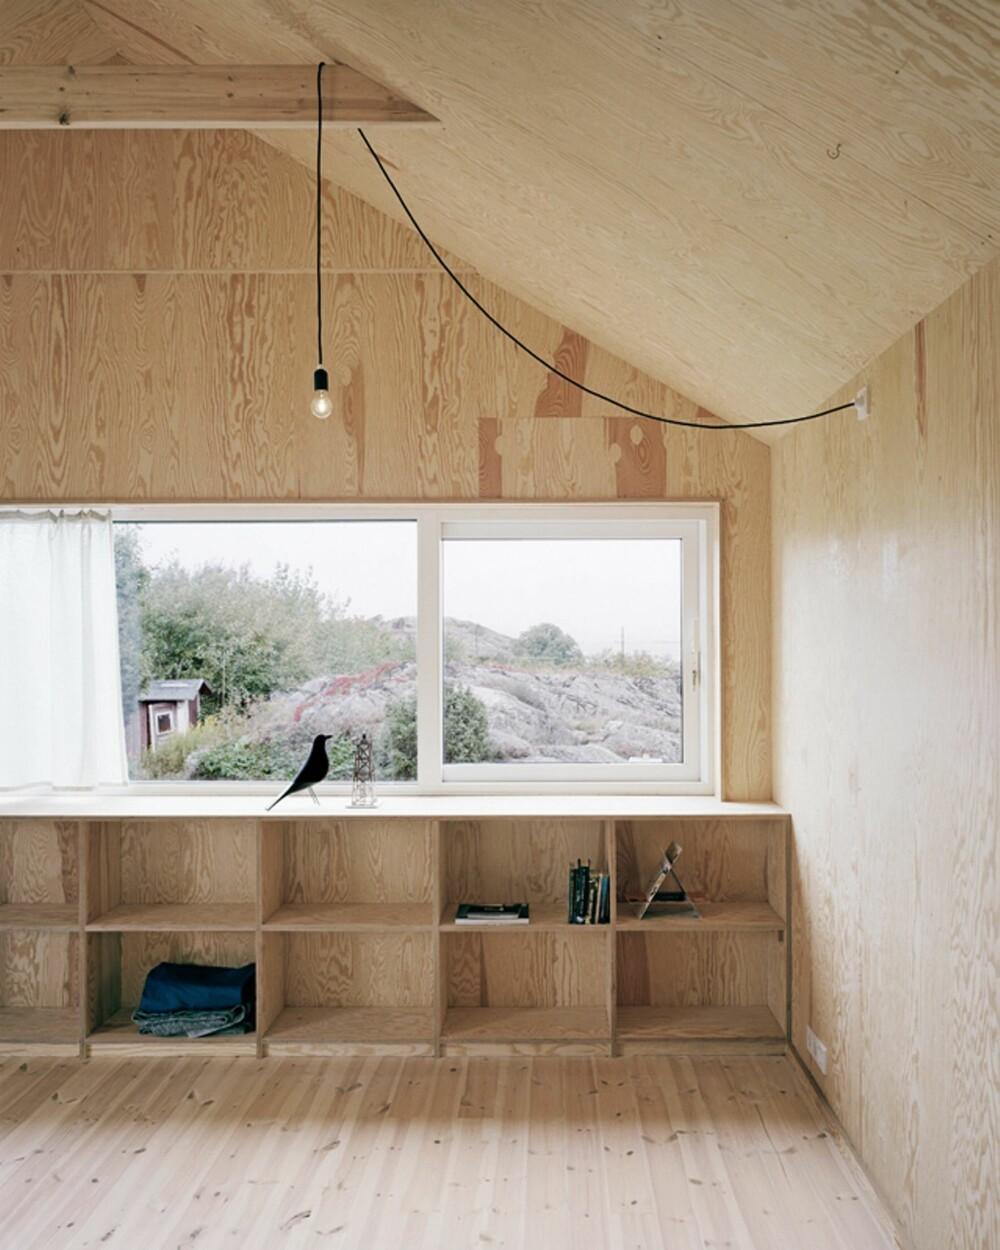 ET HUS MED EKTHET OG KARAKTER: Innredningen i kryssfiner er plassbygget, og den blir dermed til en helt naturlig del av rommet.